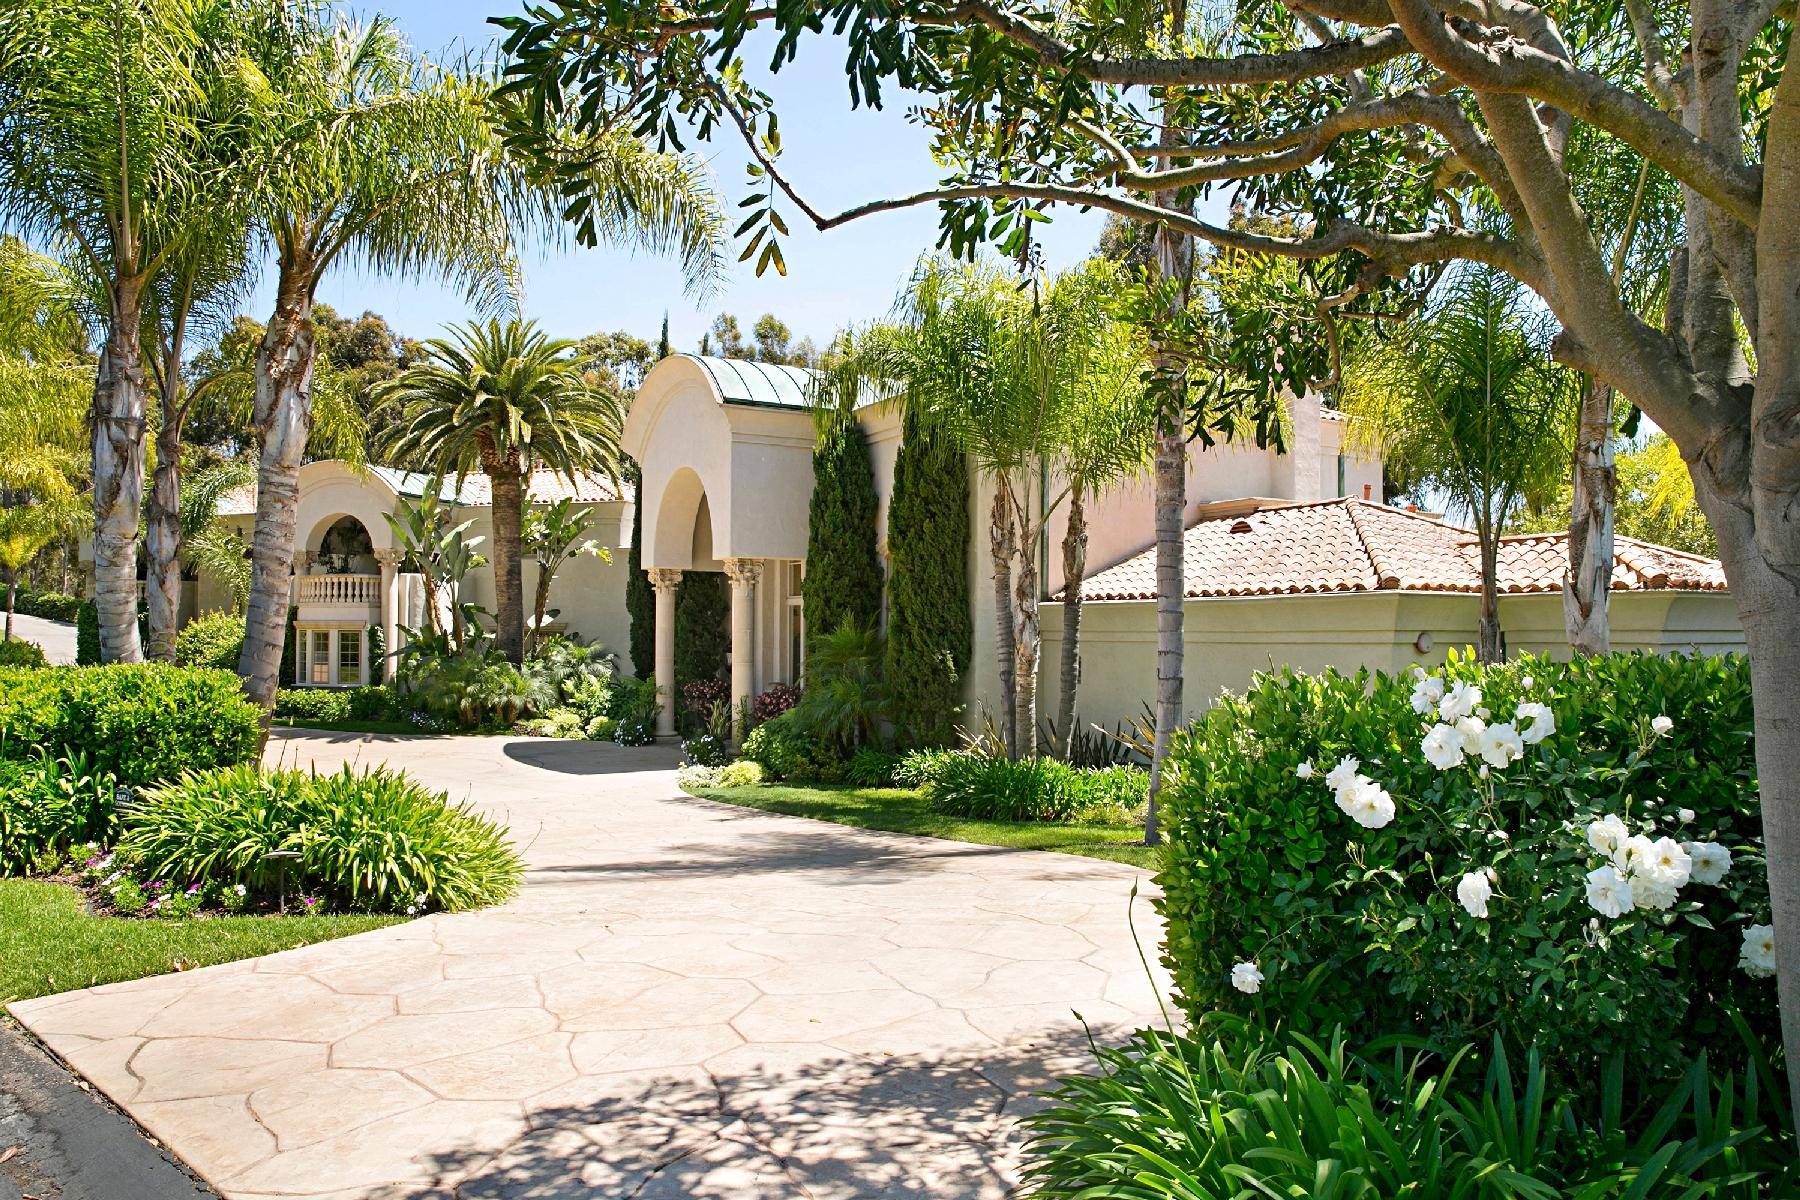 Villa per Vendita alle ore 14479 Emerald Ln Rancho Santa Fe, California, 92067 Stati Uniti